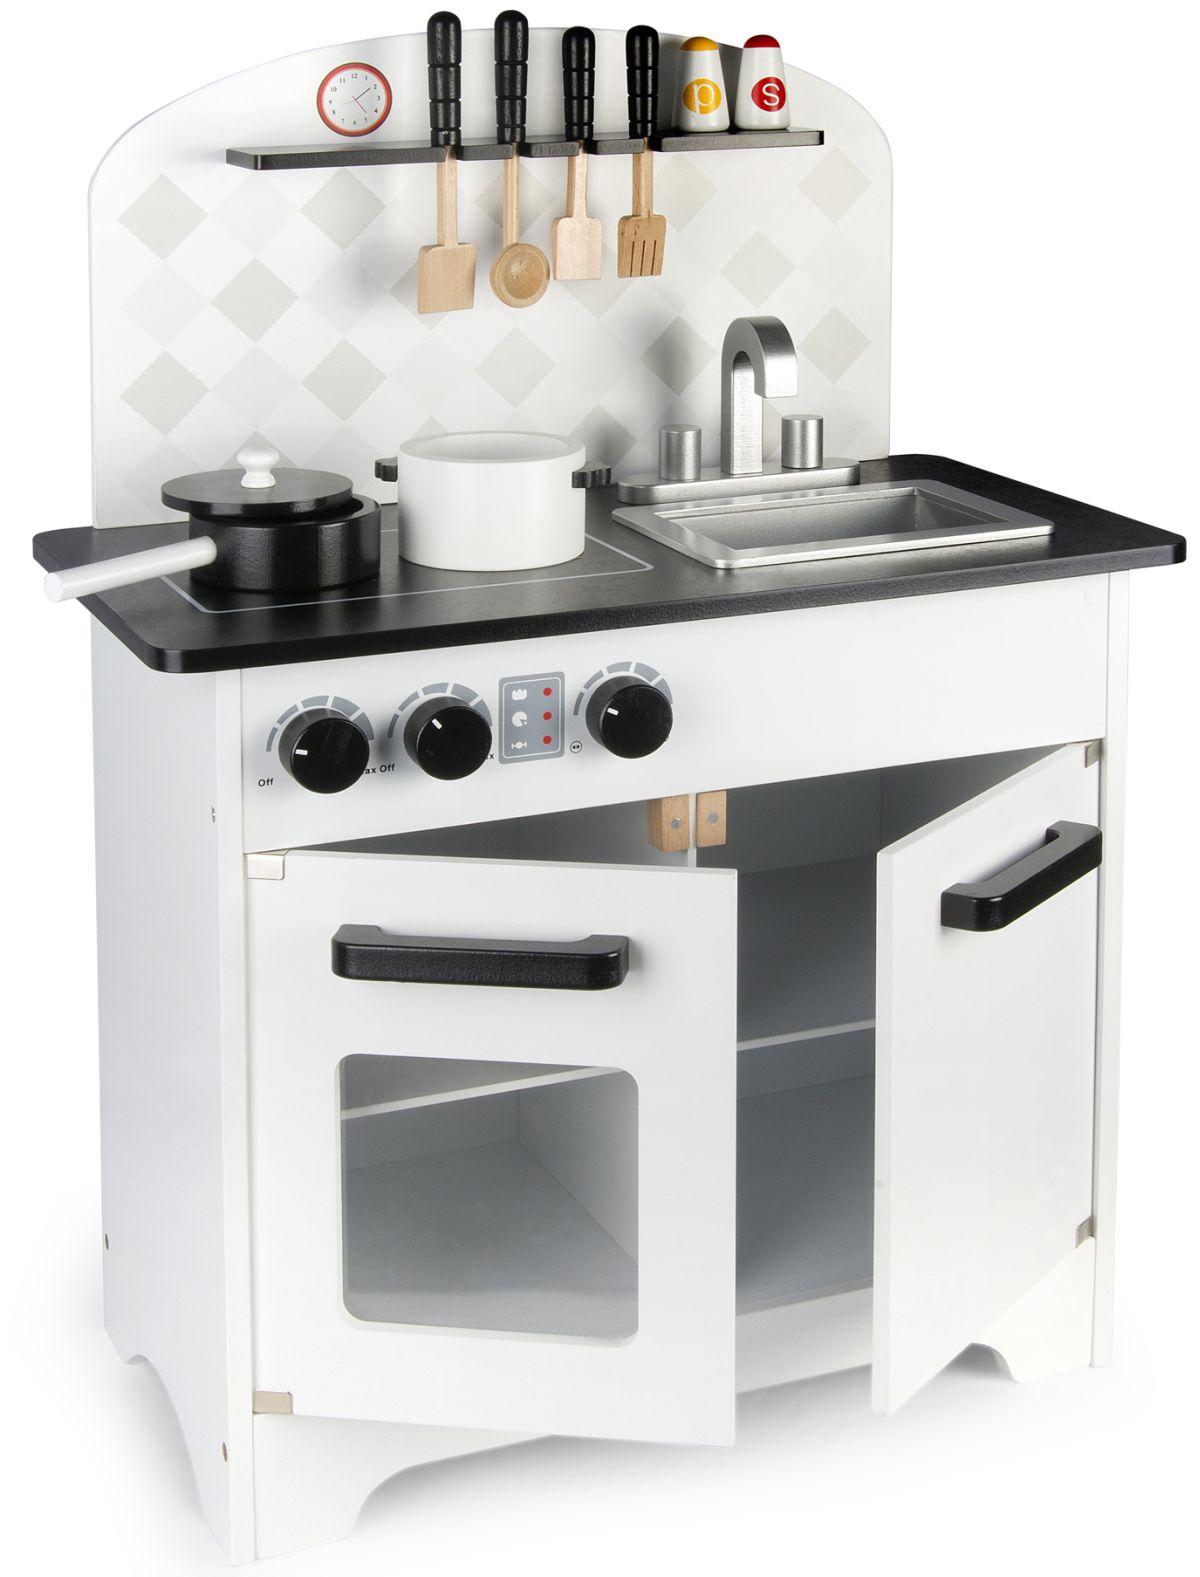 Kuchnia Drewniana Black White 102 246200 Wyprzedaz